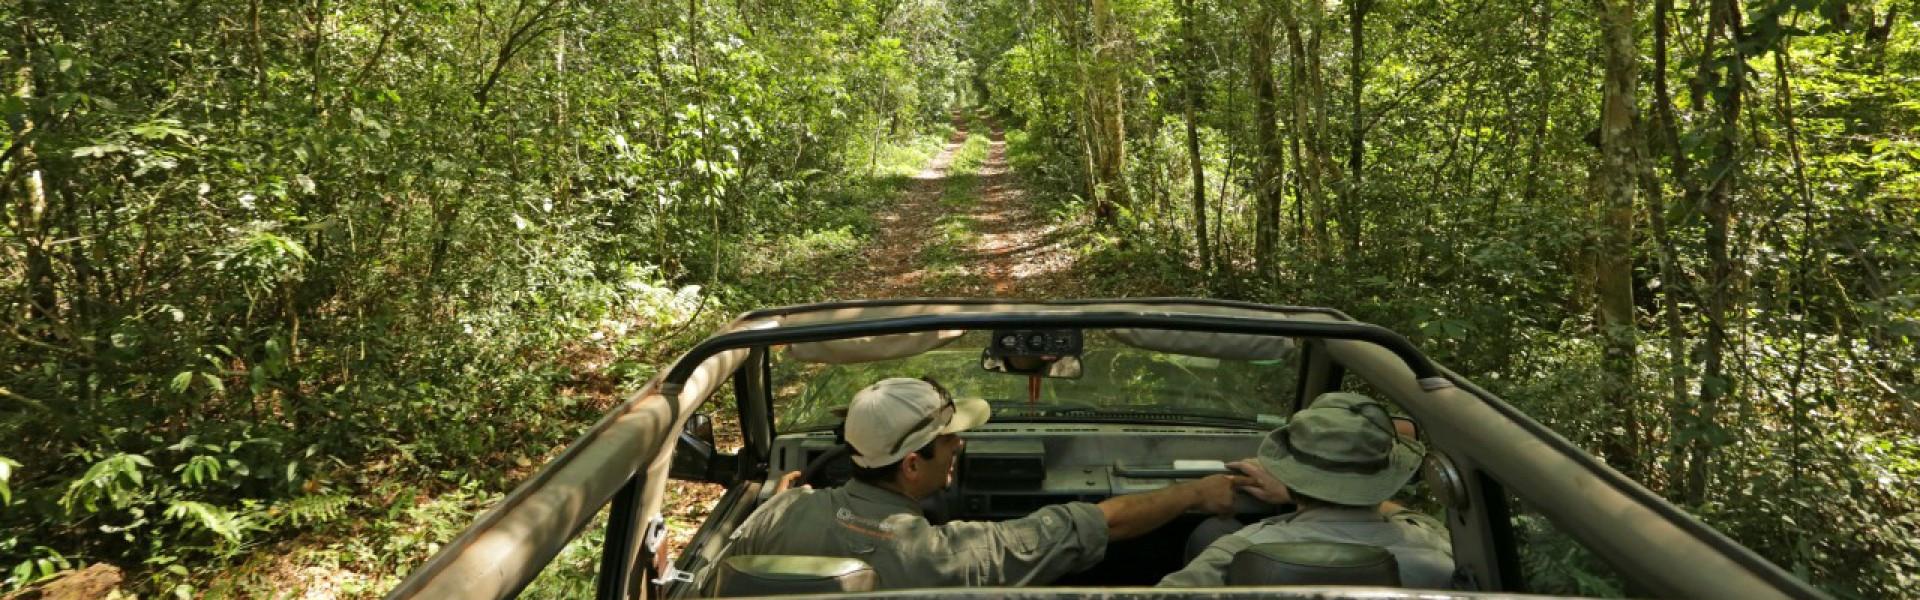 Safaris por el Parque Nacional Iguazú